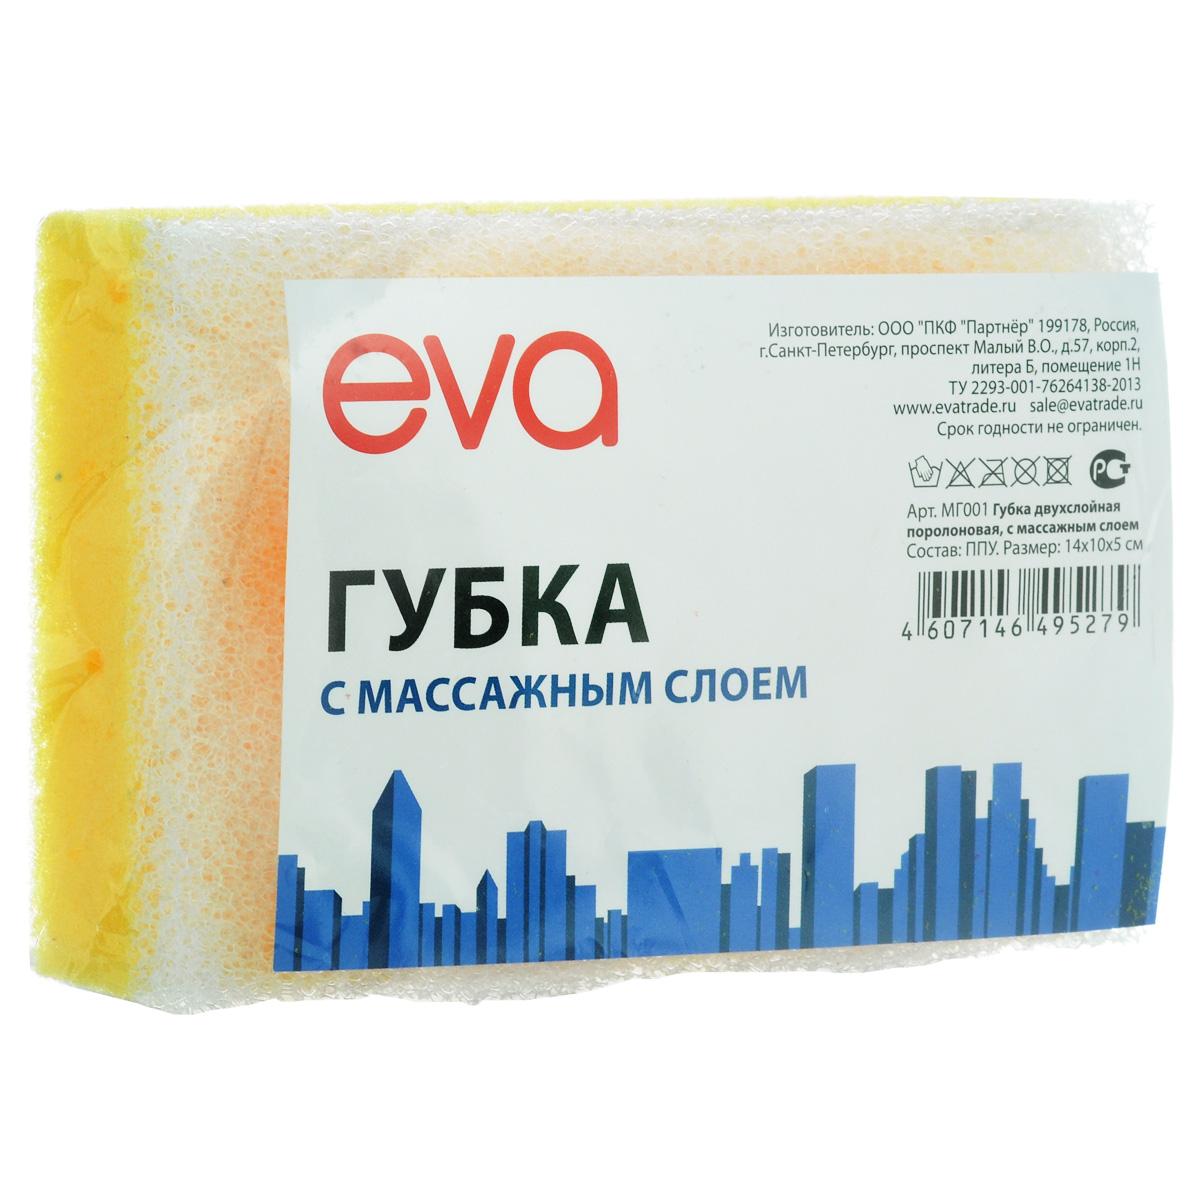 Губка для тела Eva, с массажным слоем, цвет: желтый28032022Губка для тела Eva изготовлена из пенополиуретана и оснащена массажным слоем. Губку можно использовать в ванной, в бане или в сауне. Она улучшает циркуляцию крови и обмен веществ, делает кожу здоровой и красивой.Подходит для ежедневного применения.